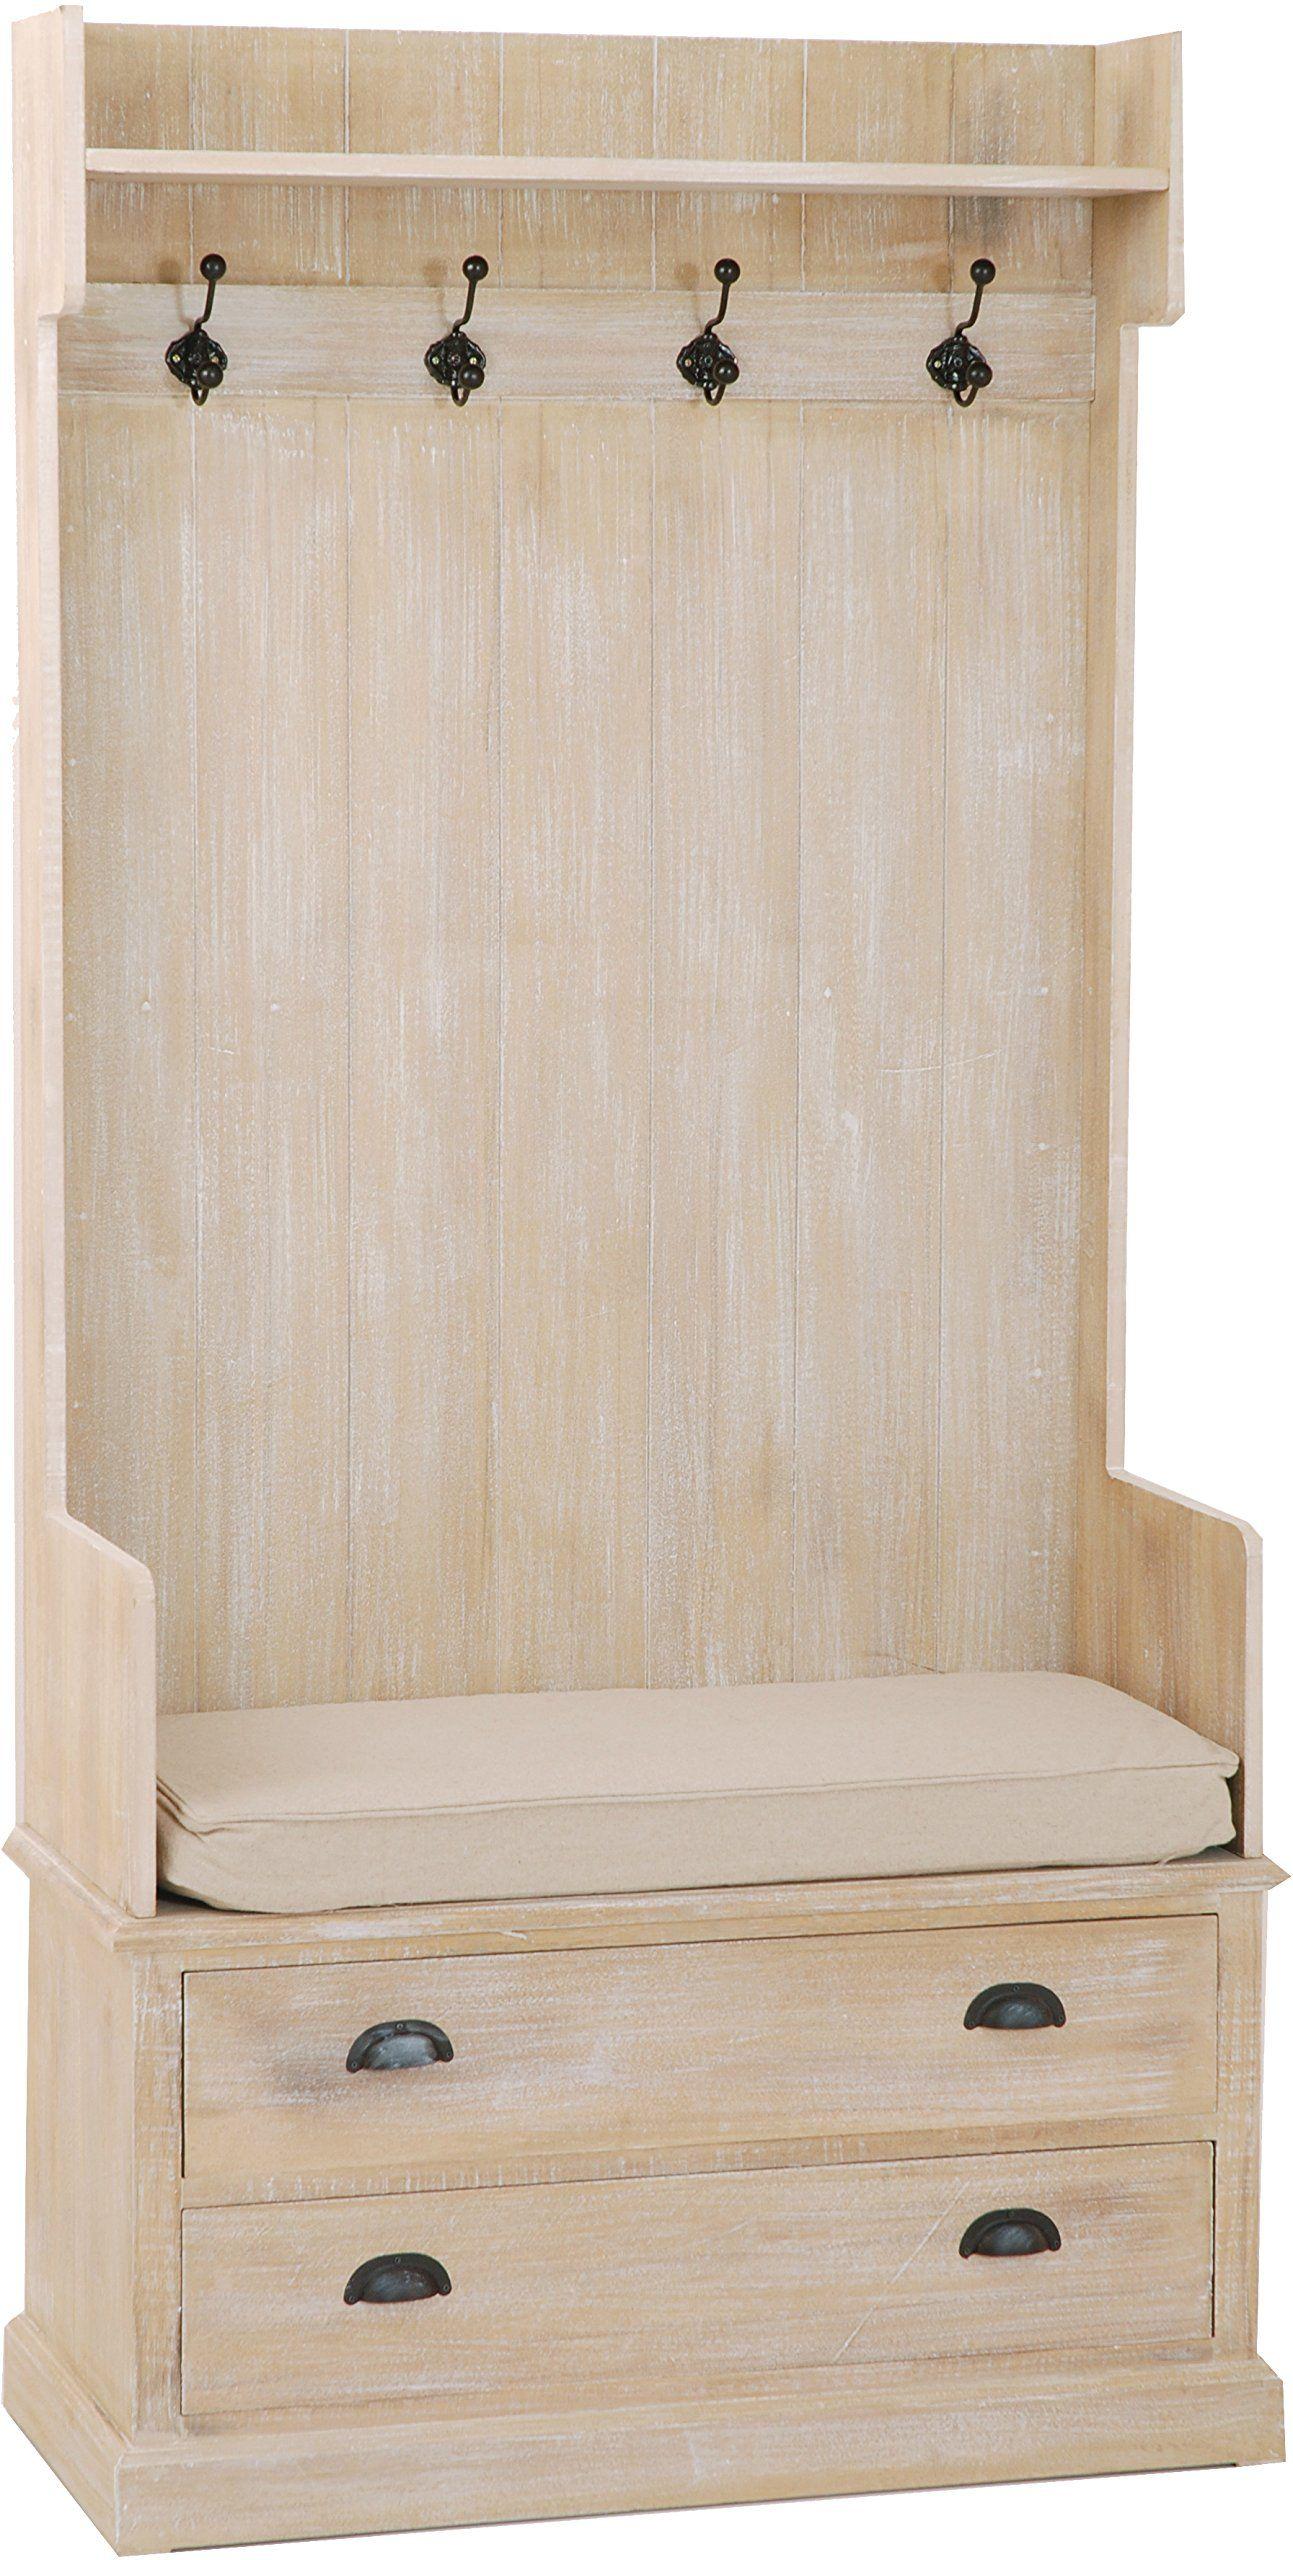 Meuble porte manteau 2 tiroirs  Amazon.fr  Cuisine   Maison   entrée ... 77626083b4ae